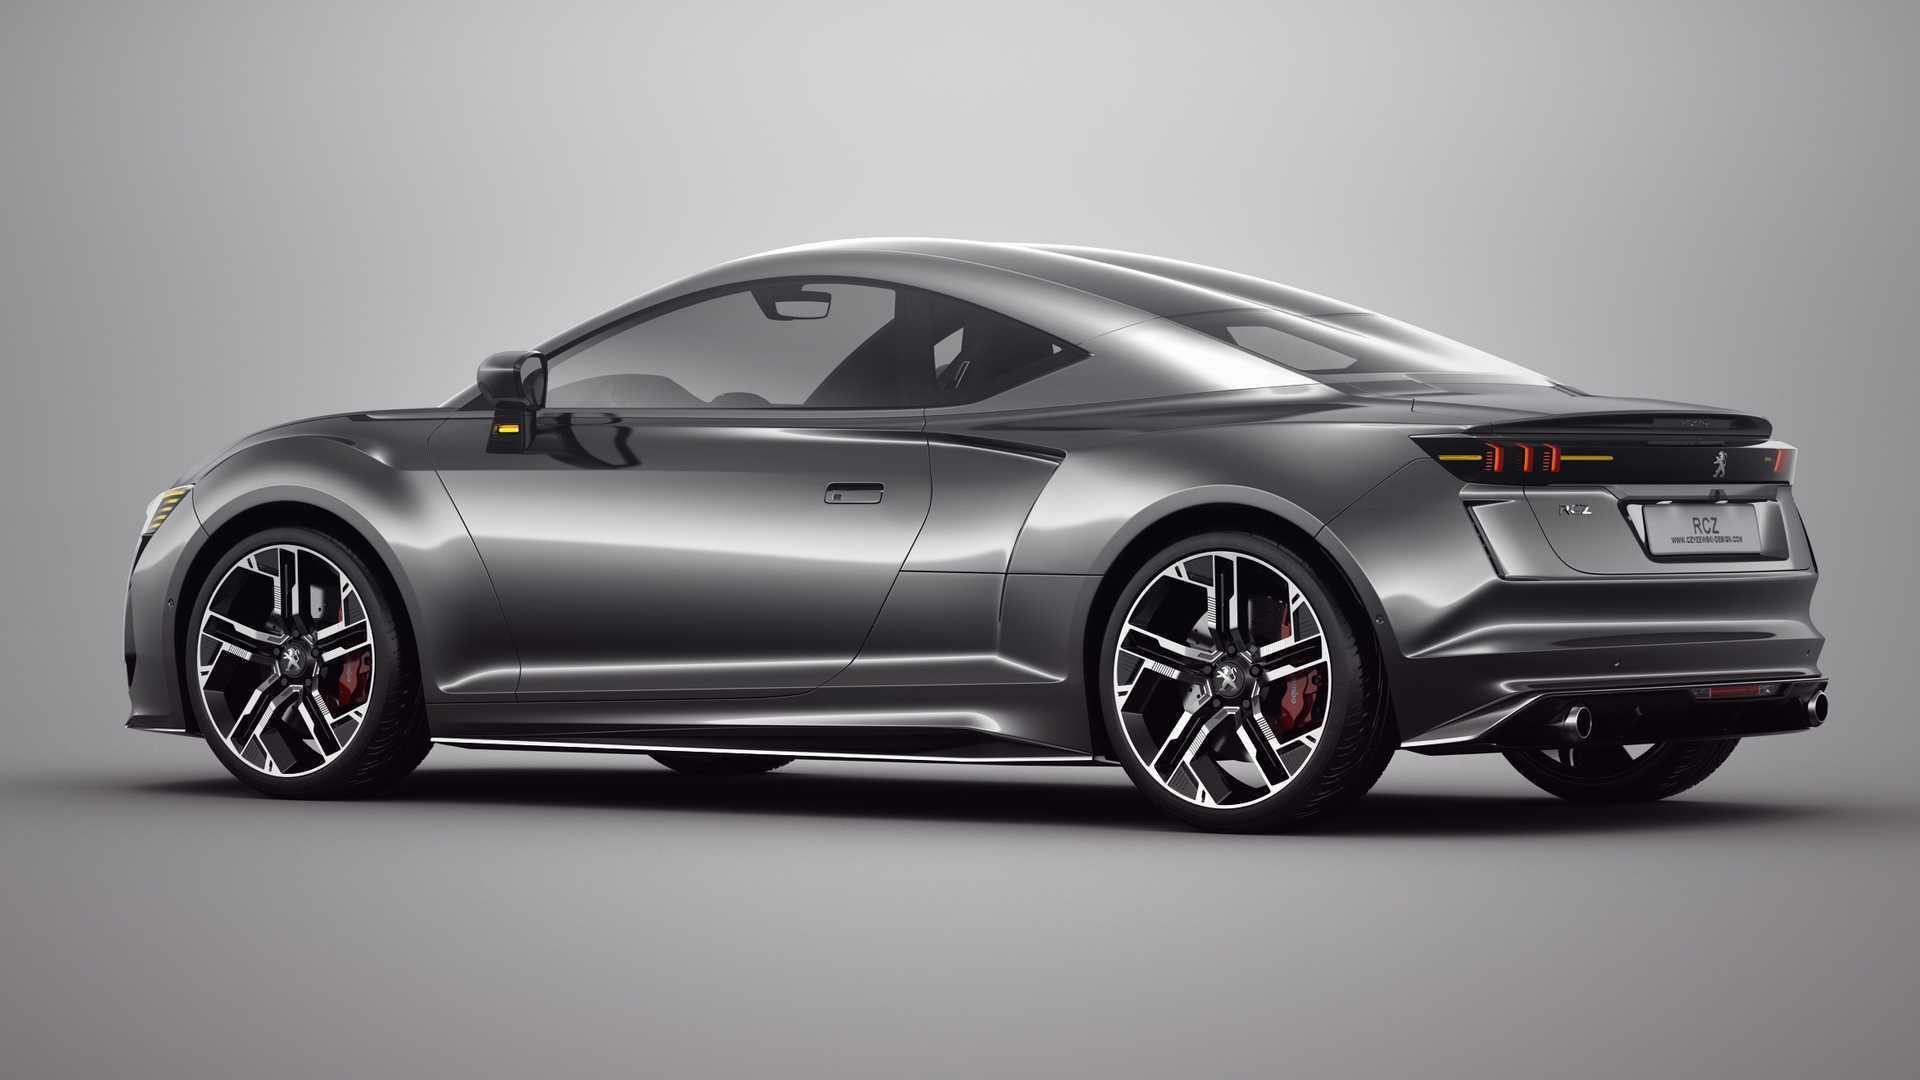 [Présentation] Le design par Peugeot - Page 15 2020-peugeot-rcz-concept-rendering